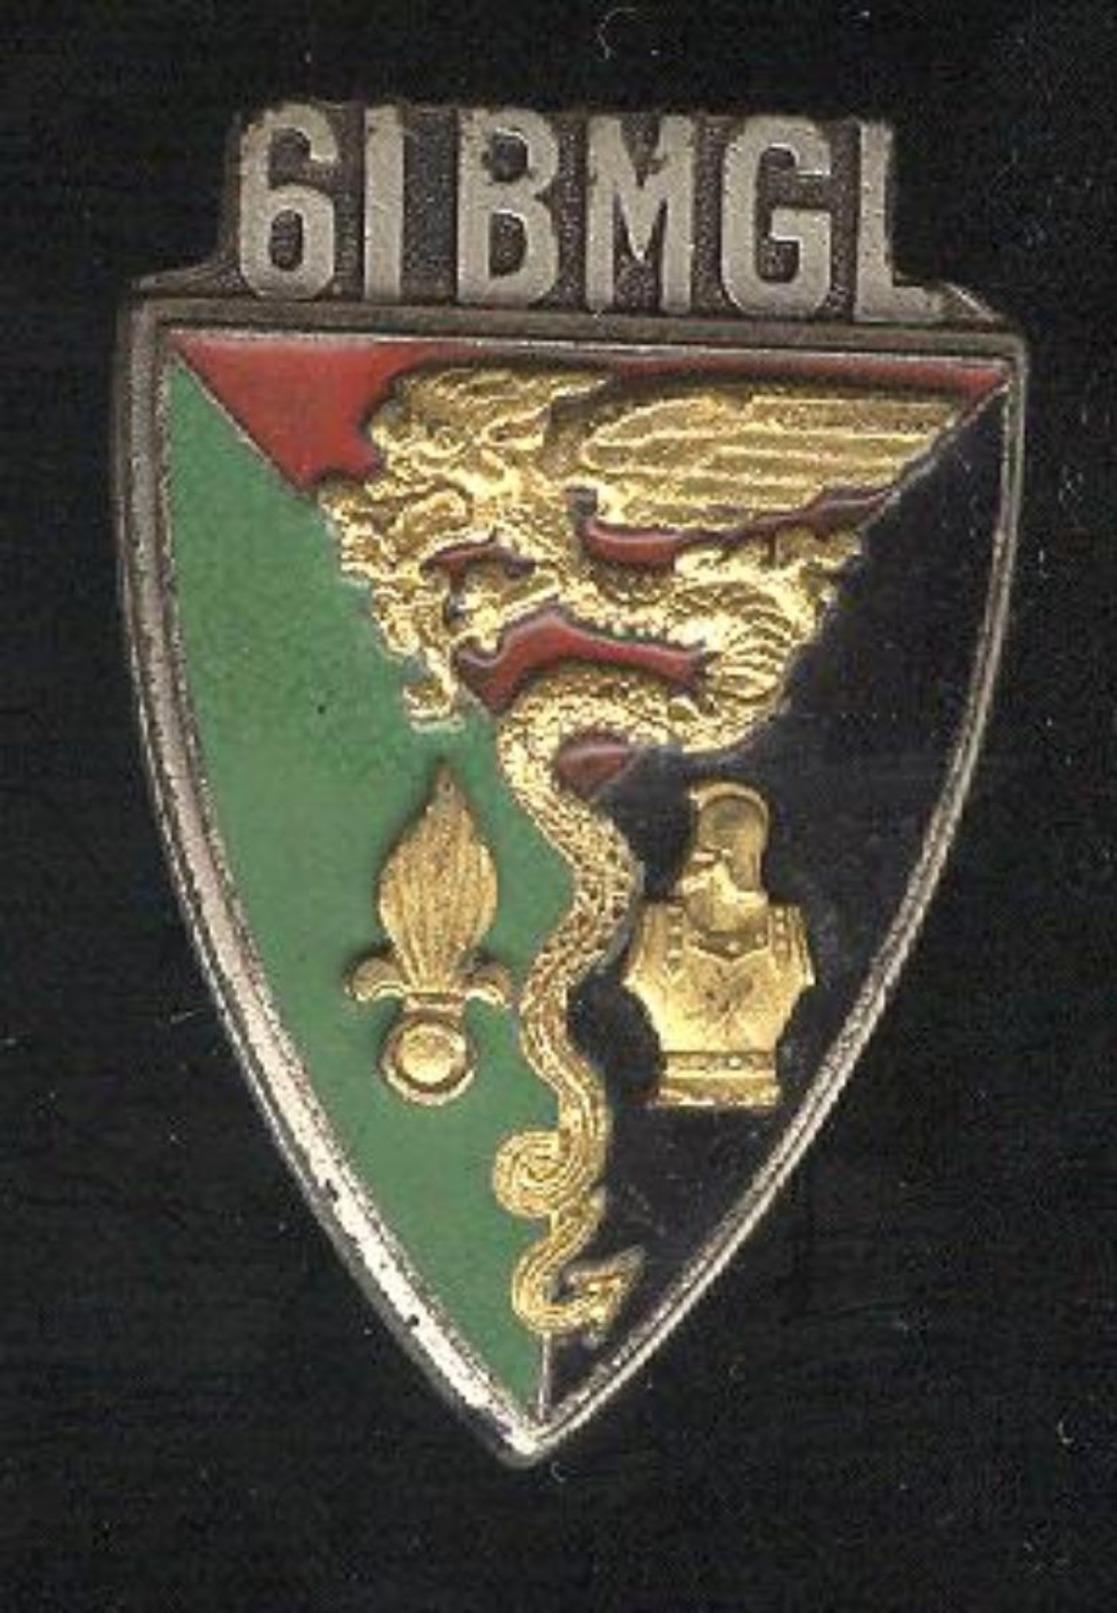 Insigne 61° Bataillon Mixte Génie Légion - Drago Paris - Badges & Ribbons